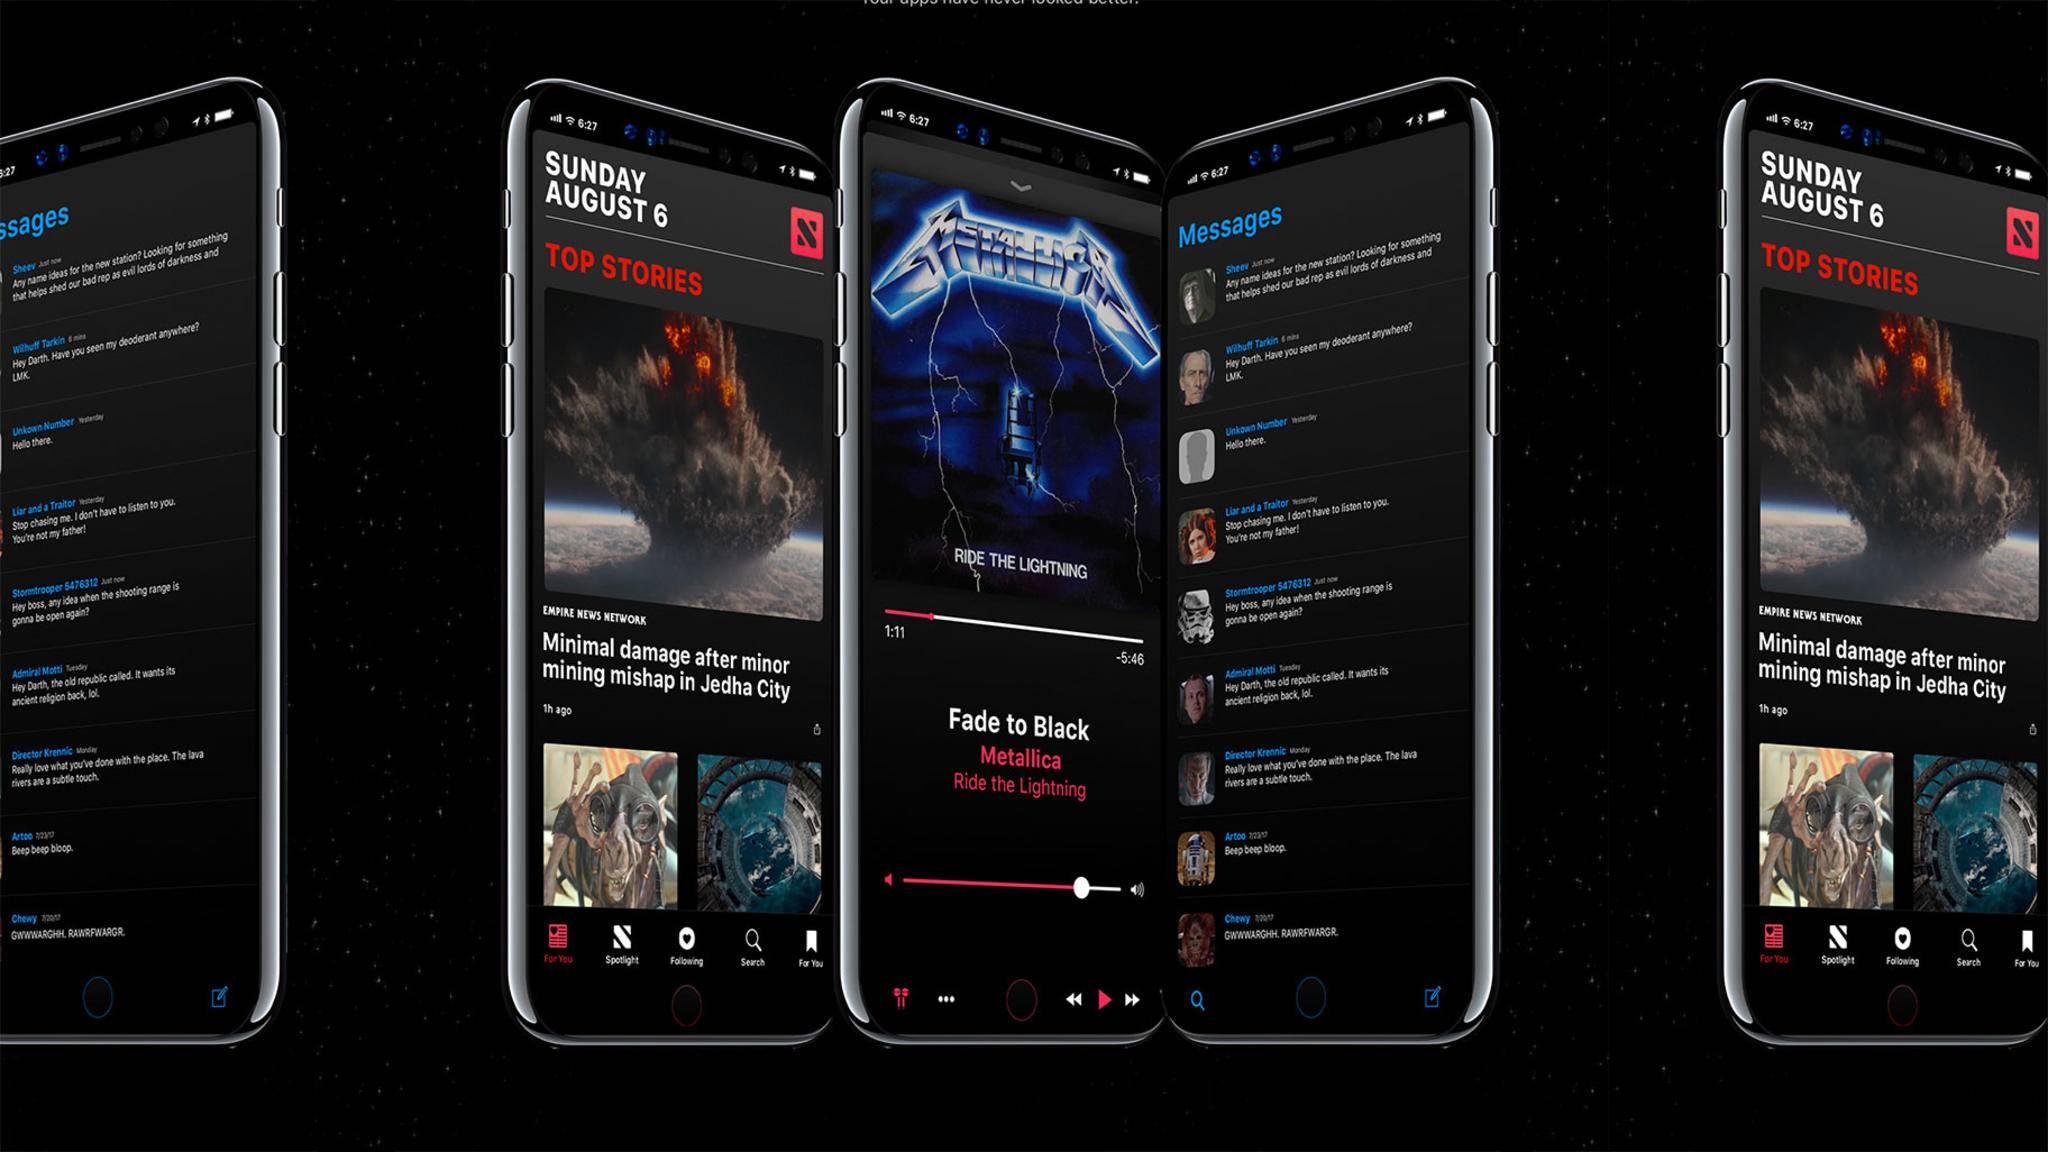 Der Apple A8 im iPhone 8 könnte der schnellste mobile Chip werden.